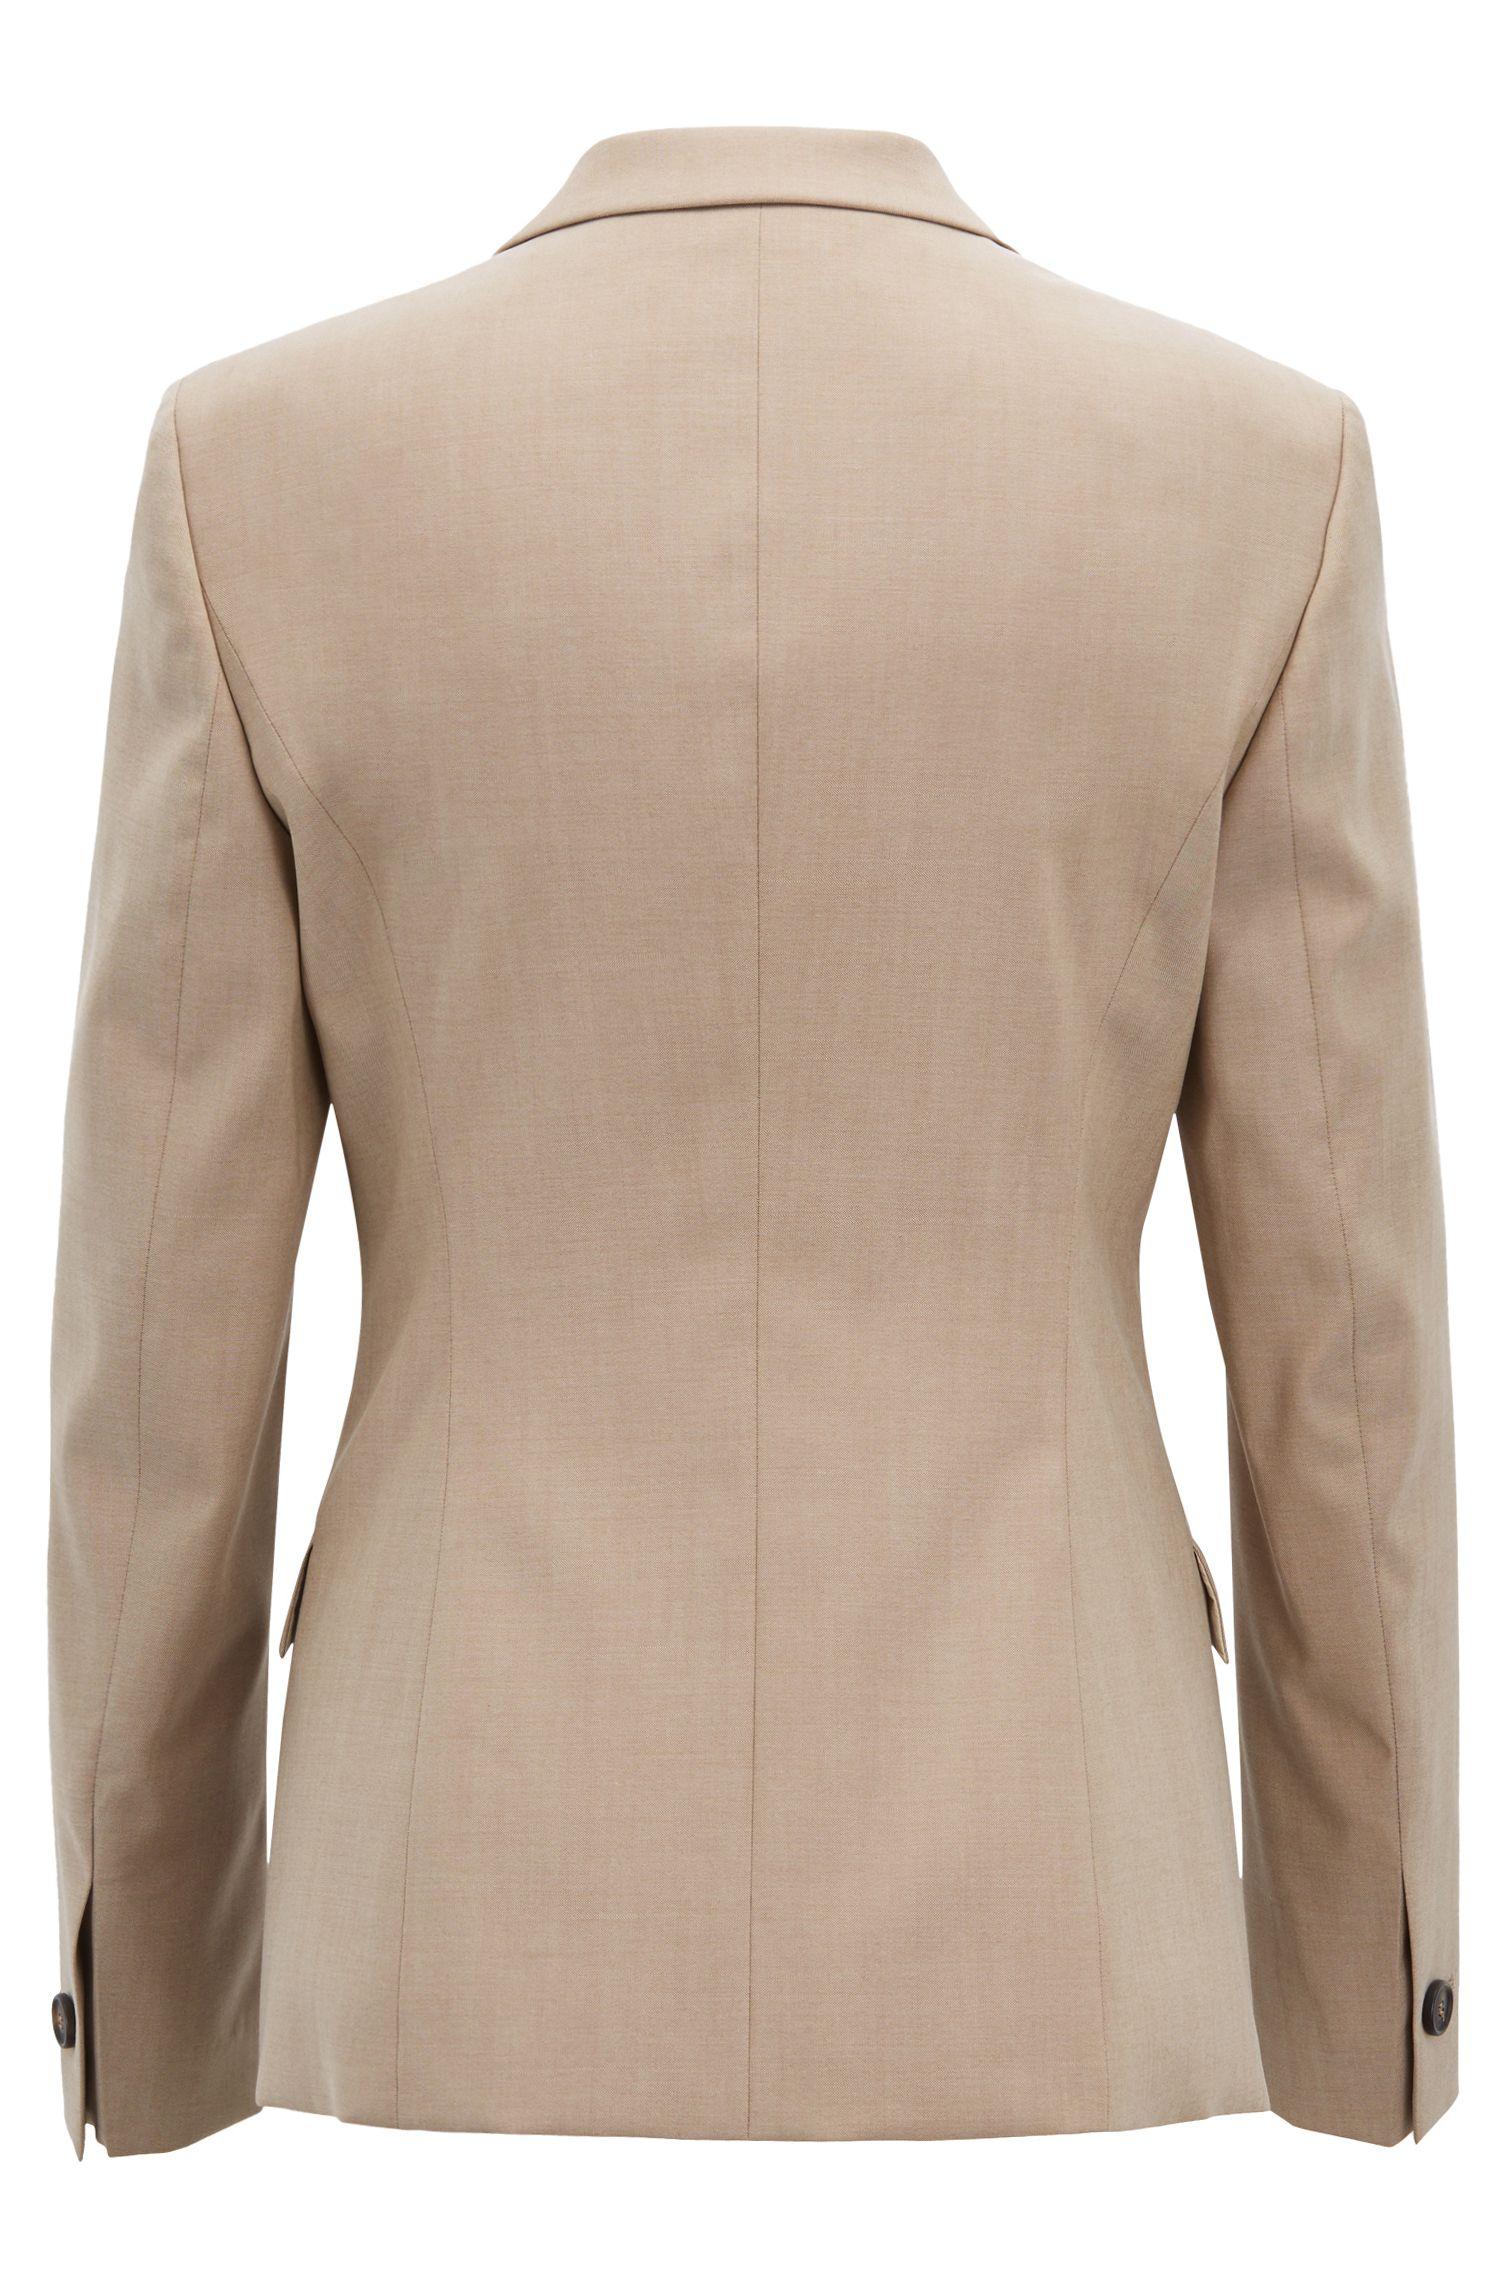 Hugo Boss - Chaqueta regular fit en lana virgen con textura de piel de tiburón - 6